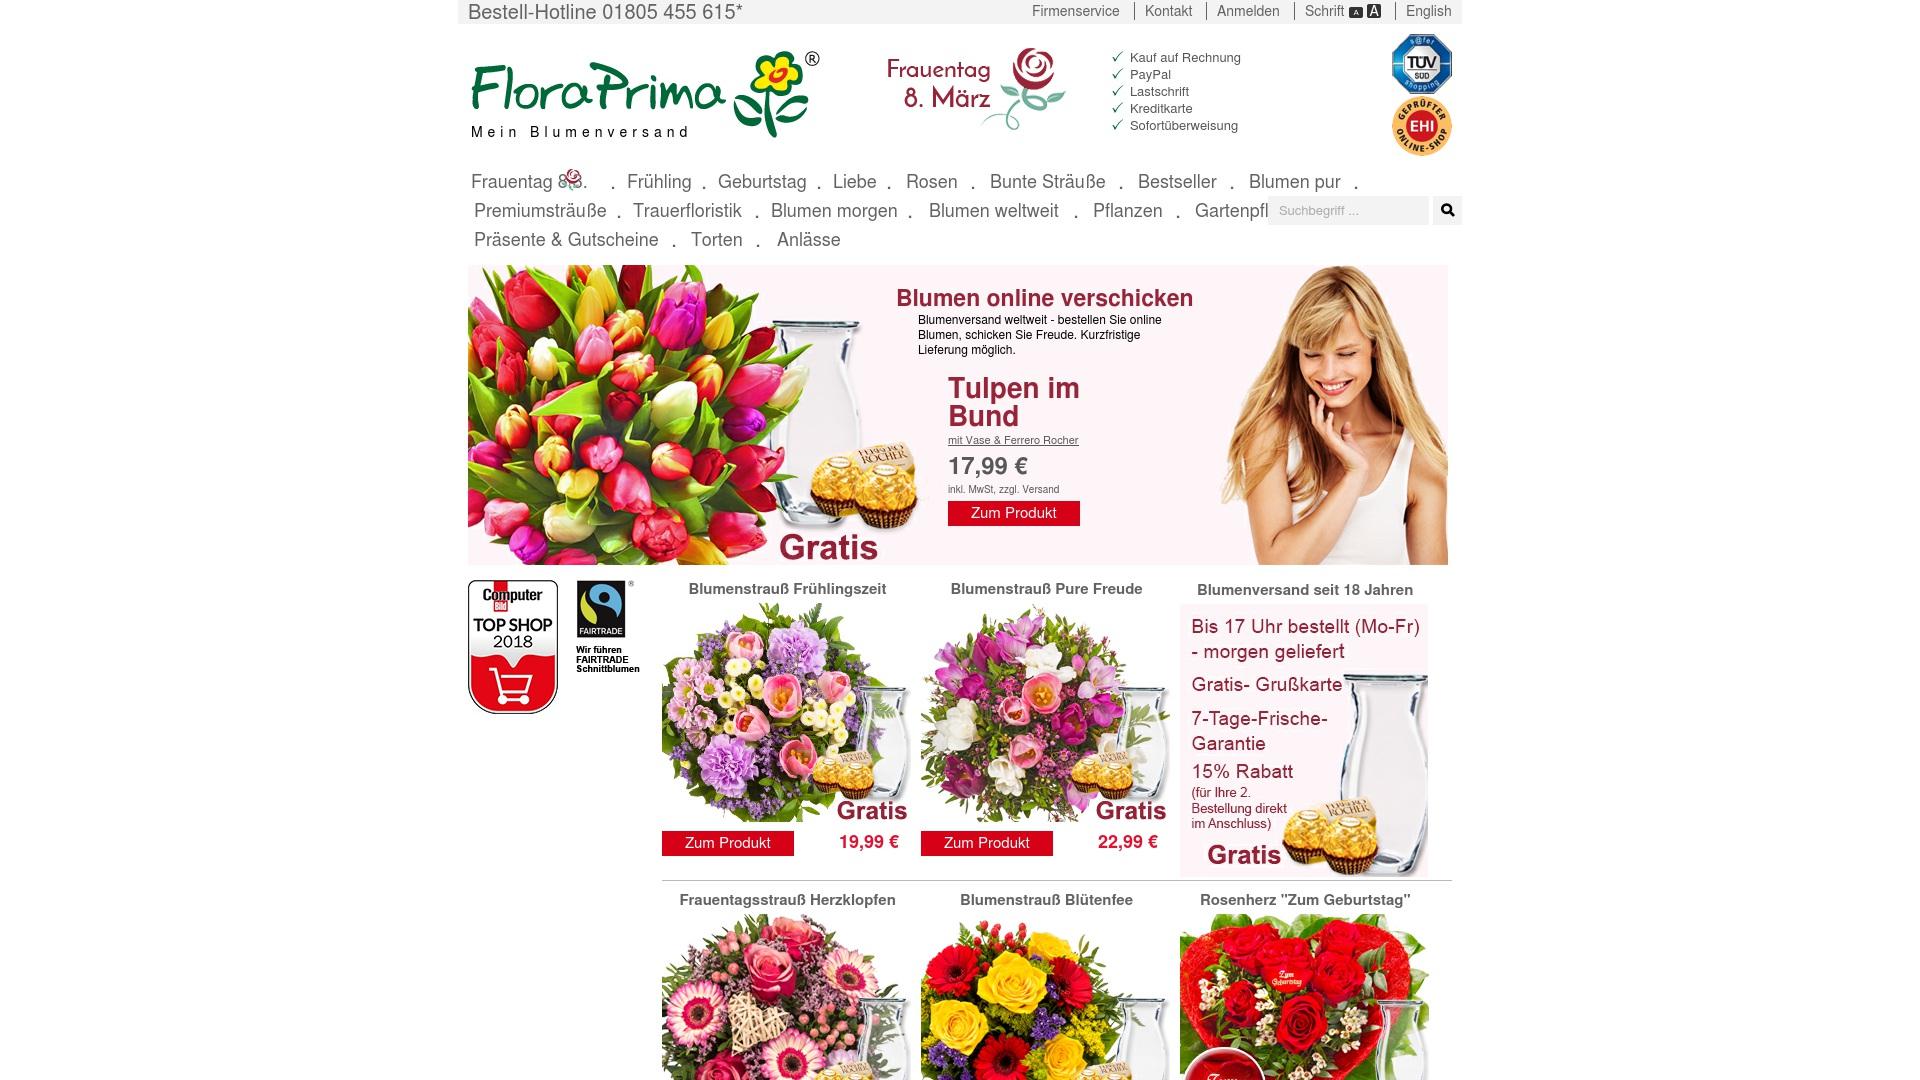 Gutschein für Floraprima: Rabatte für  Floraprima sichern